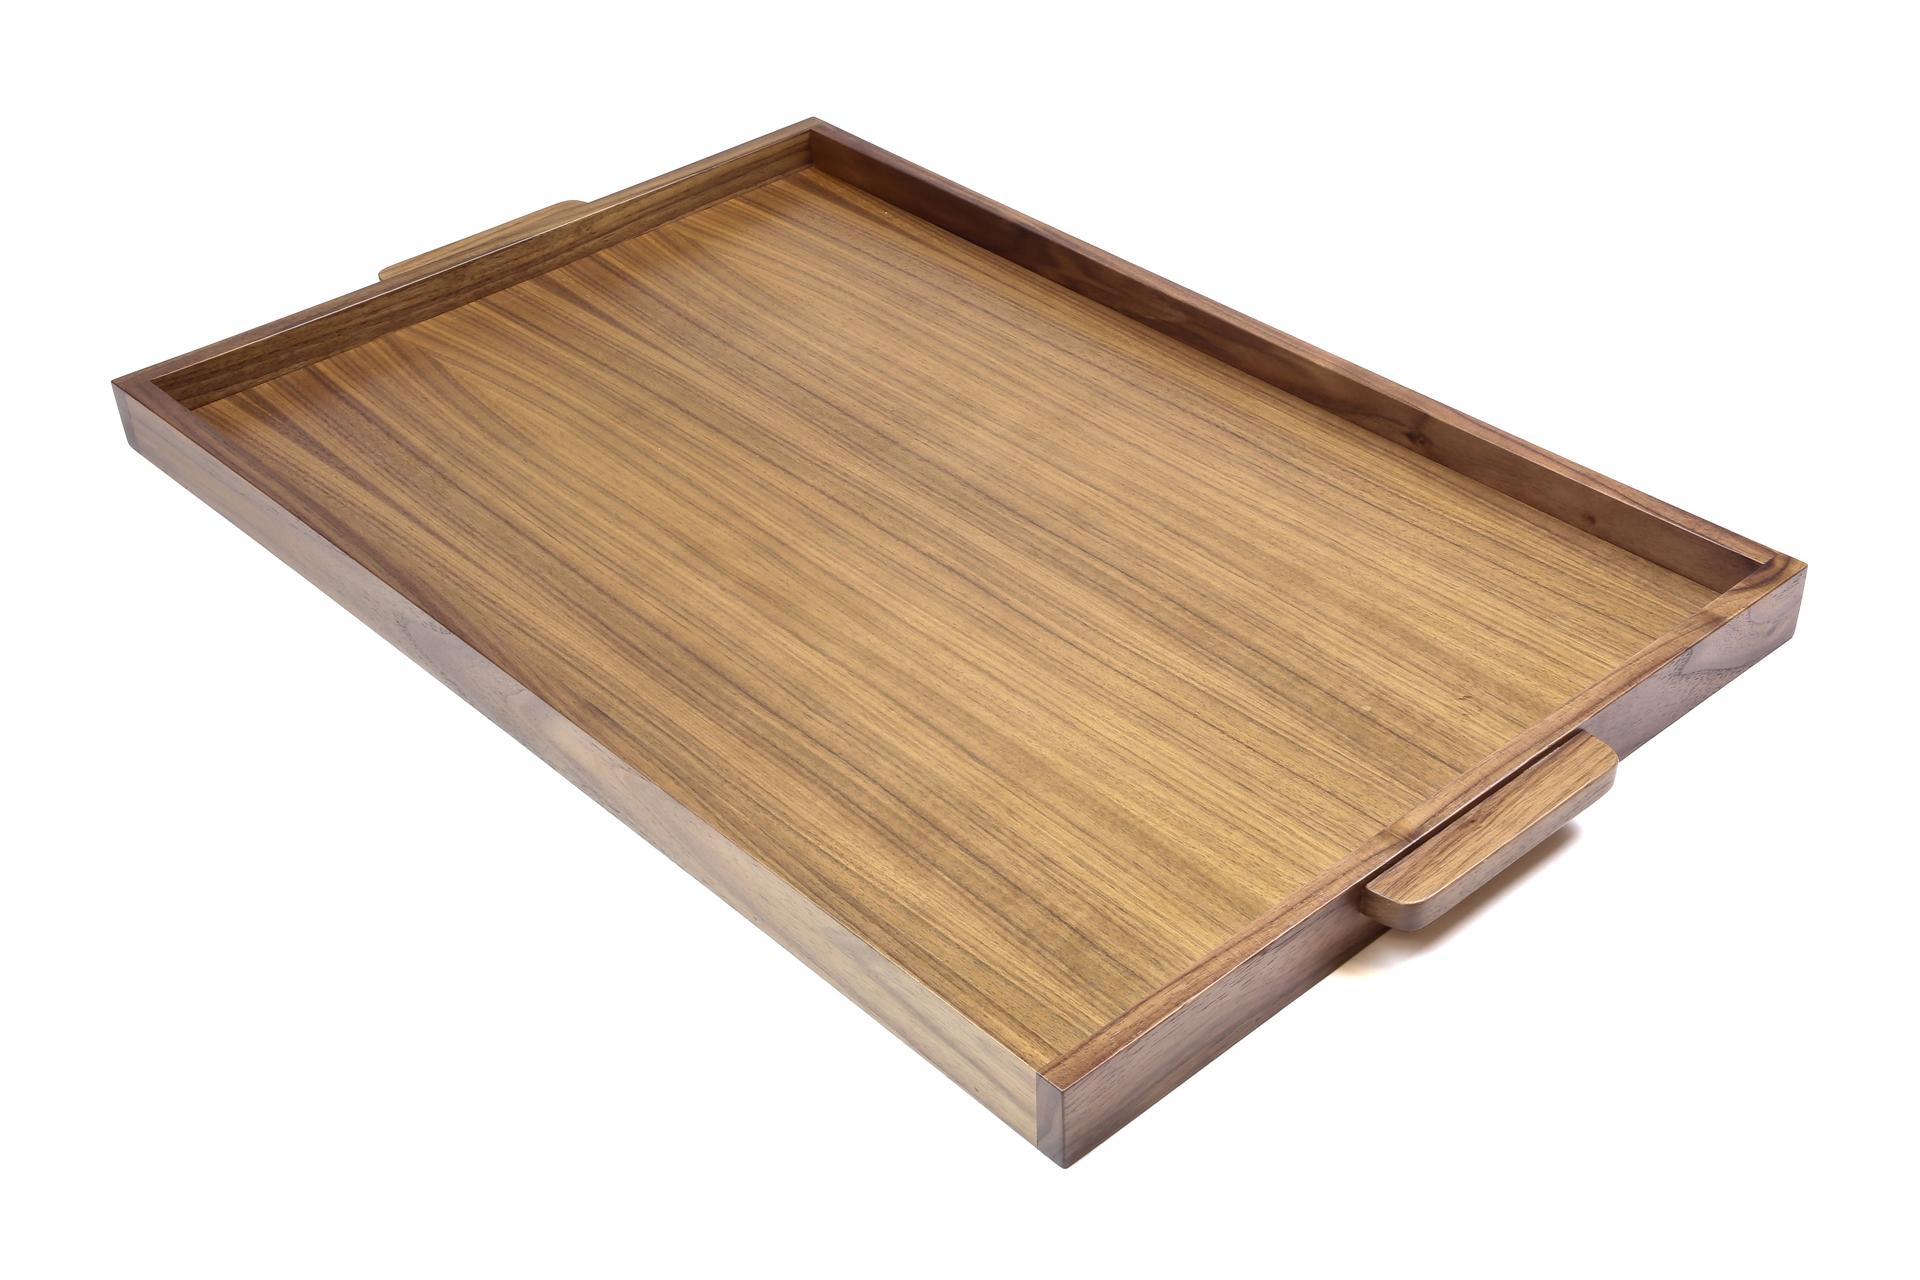 contemporary room serving tray  moran'smoran's -